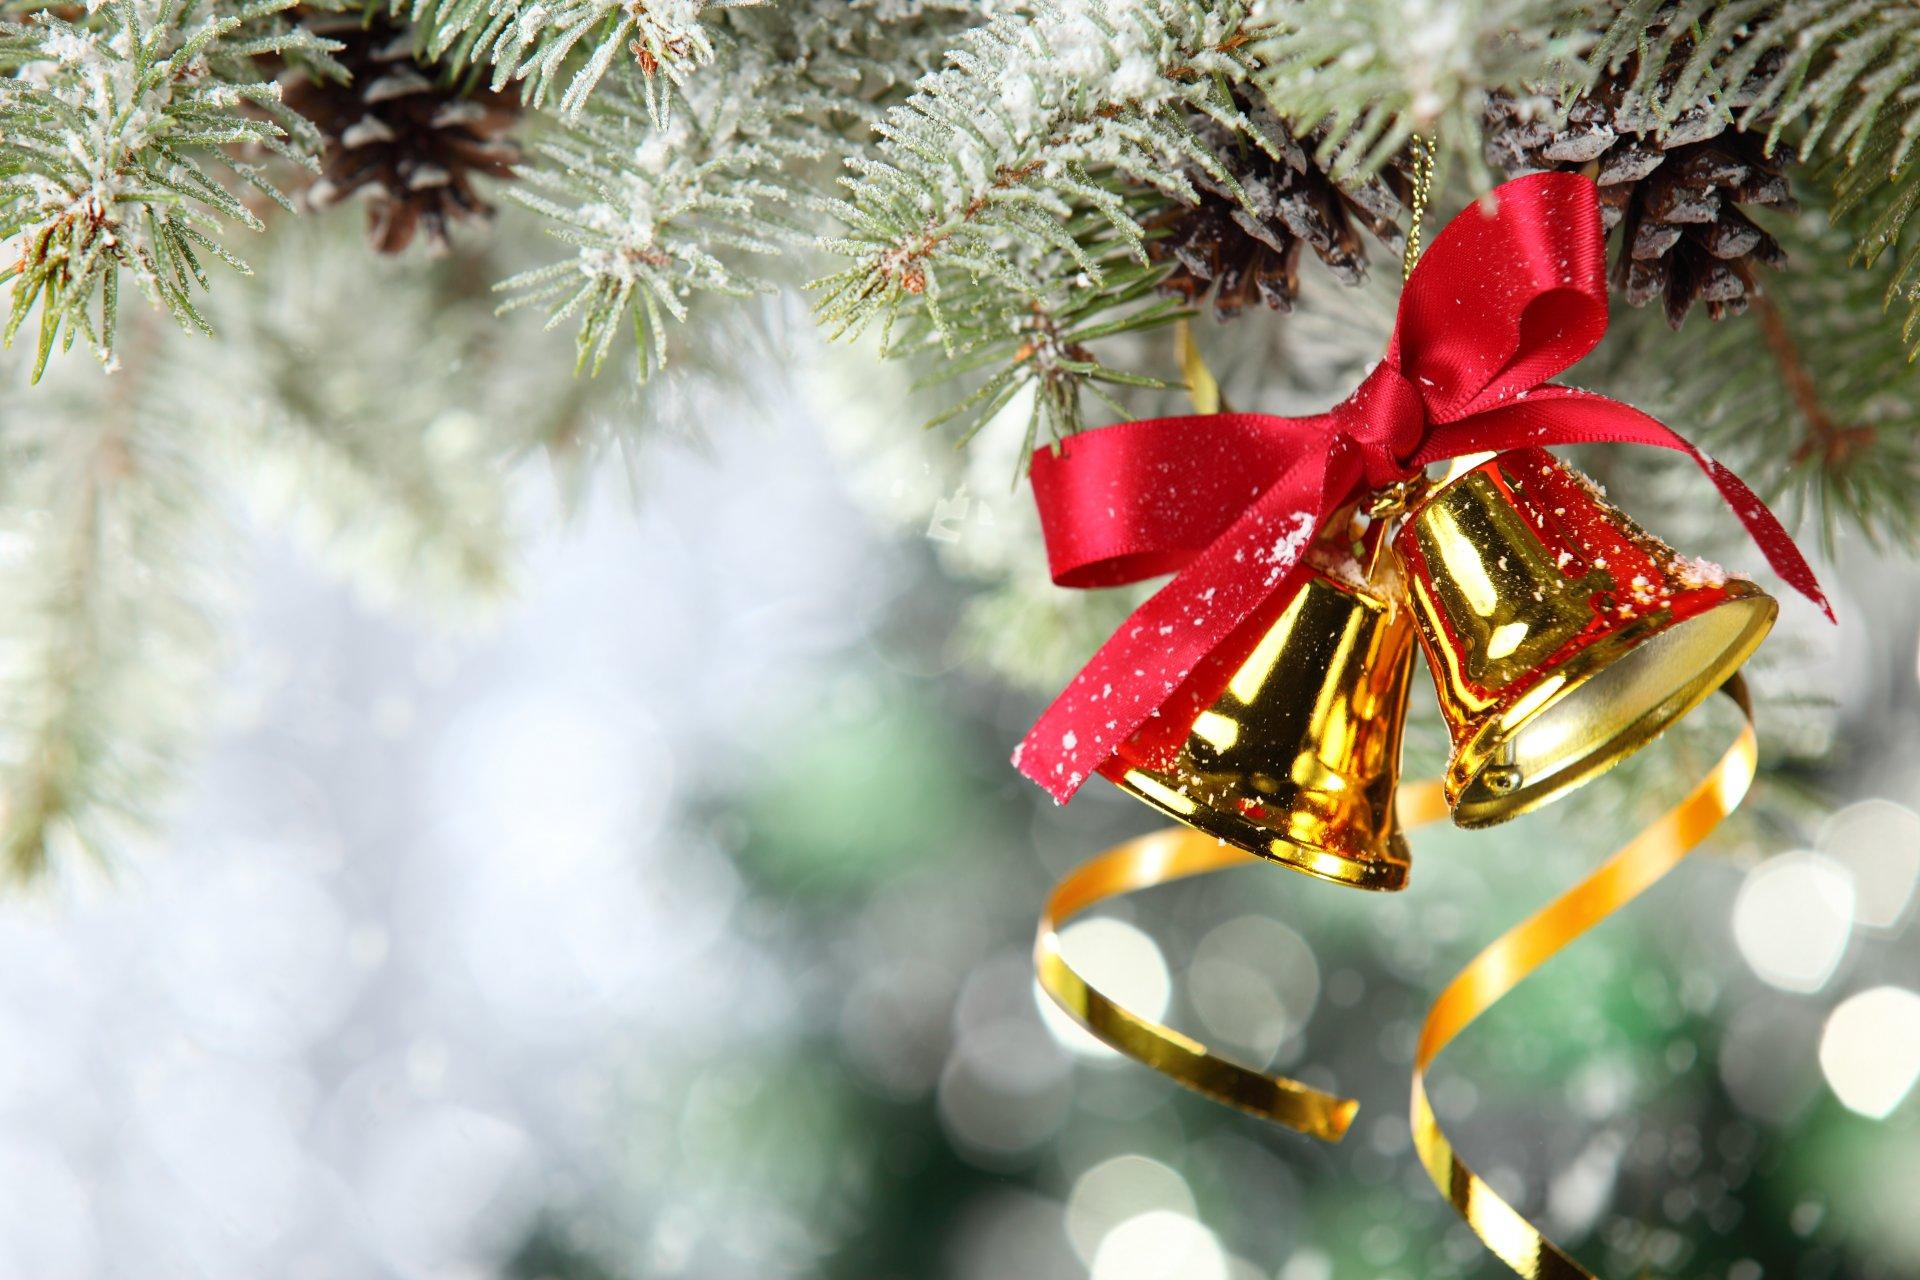 Новогодняя открытка с елкой и поздравлением, очень соскучился